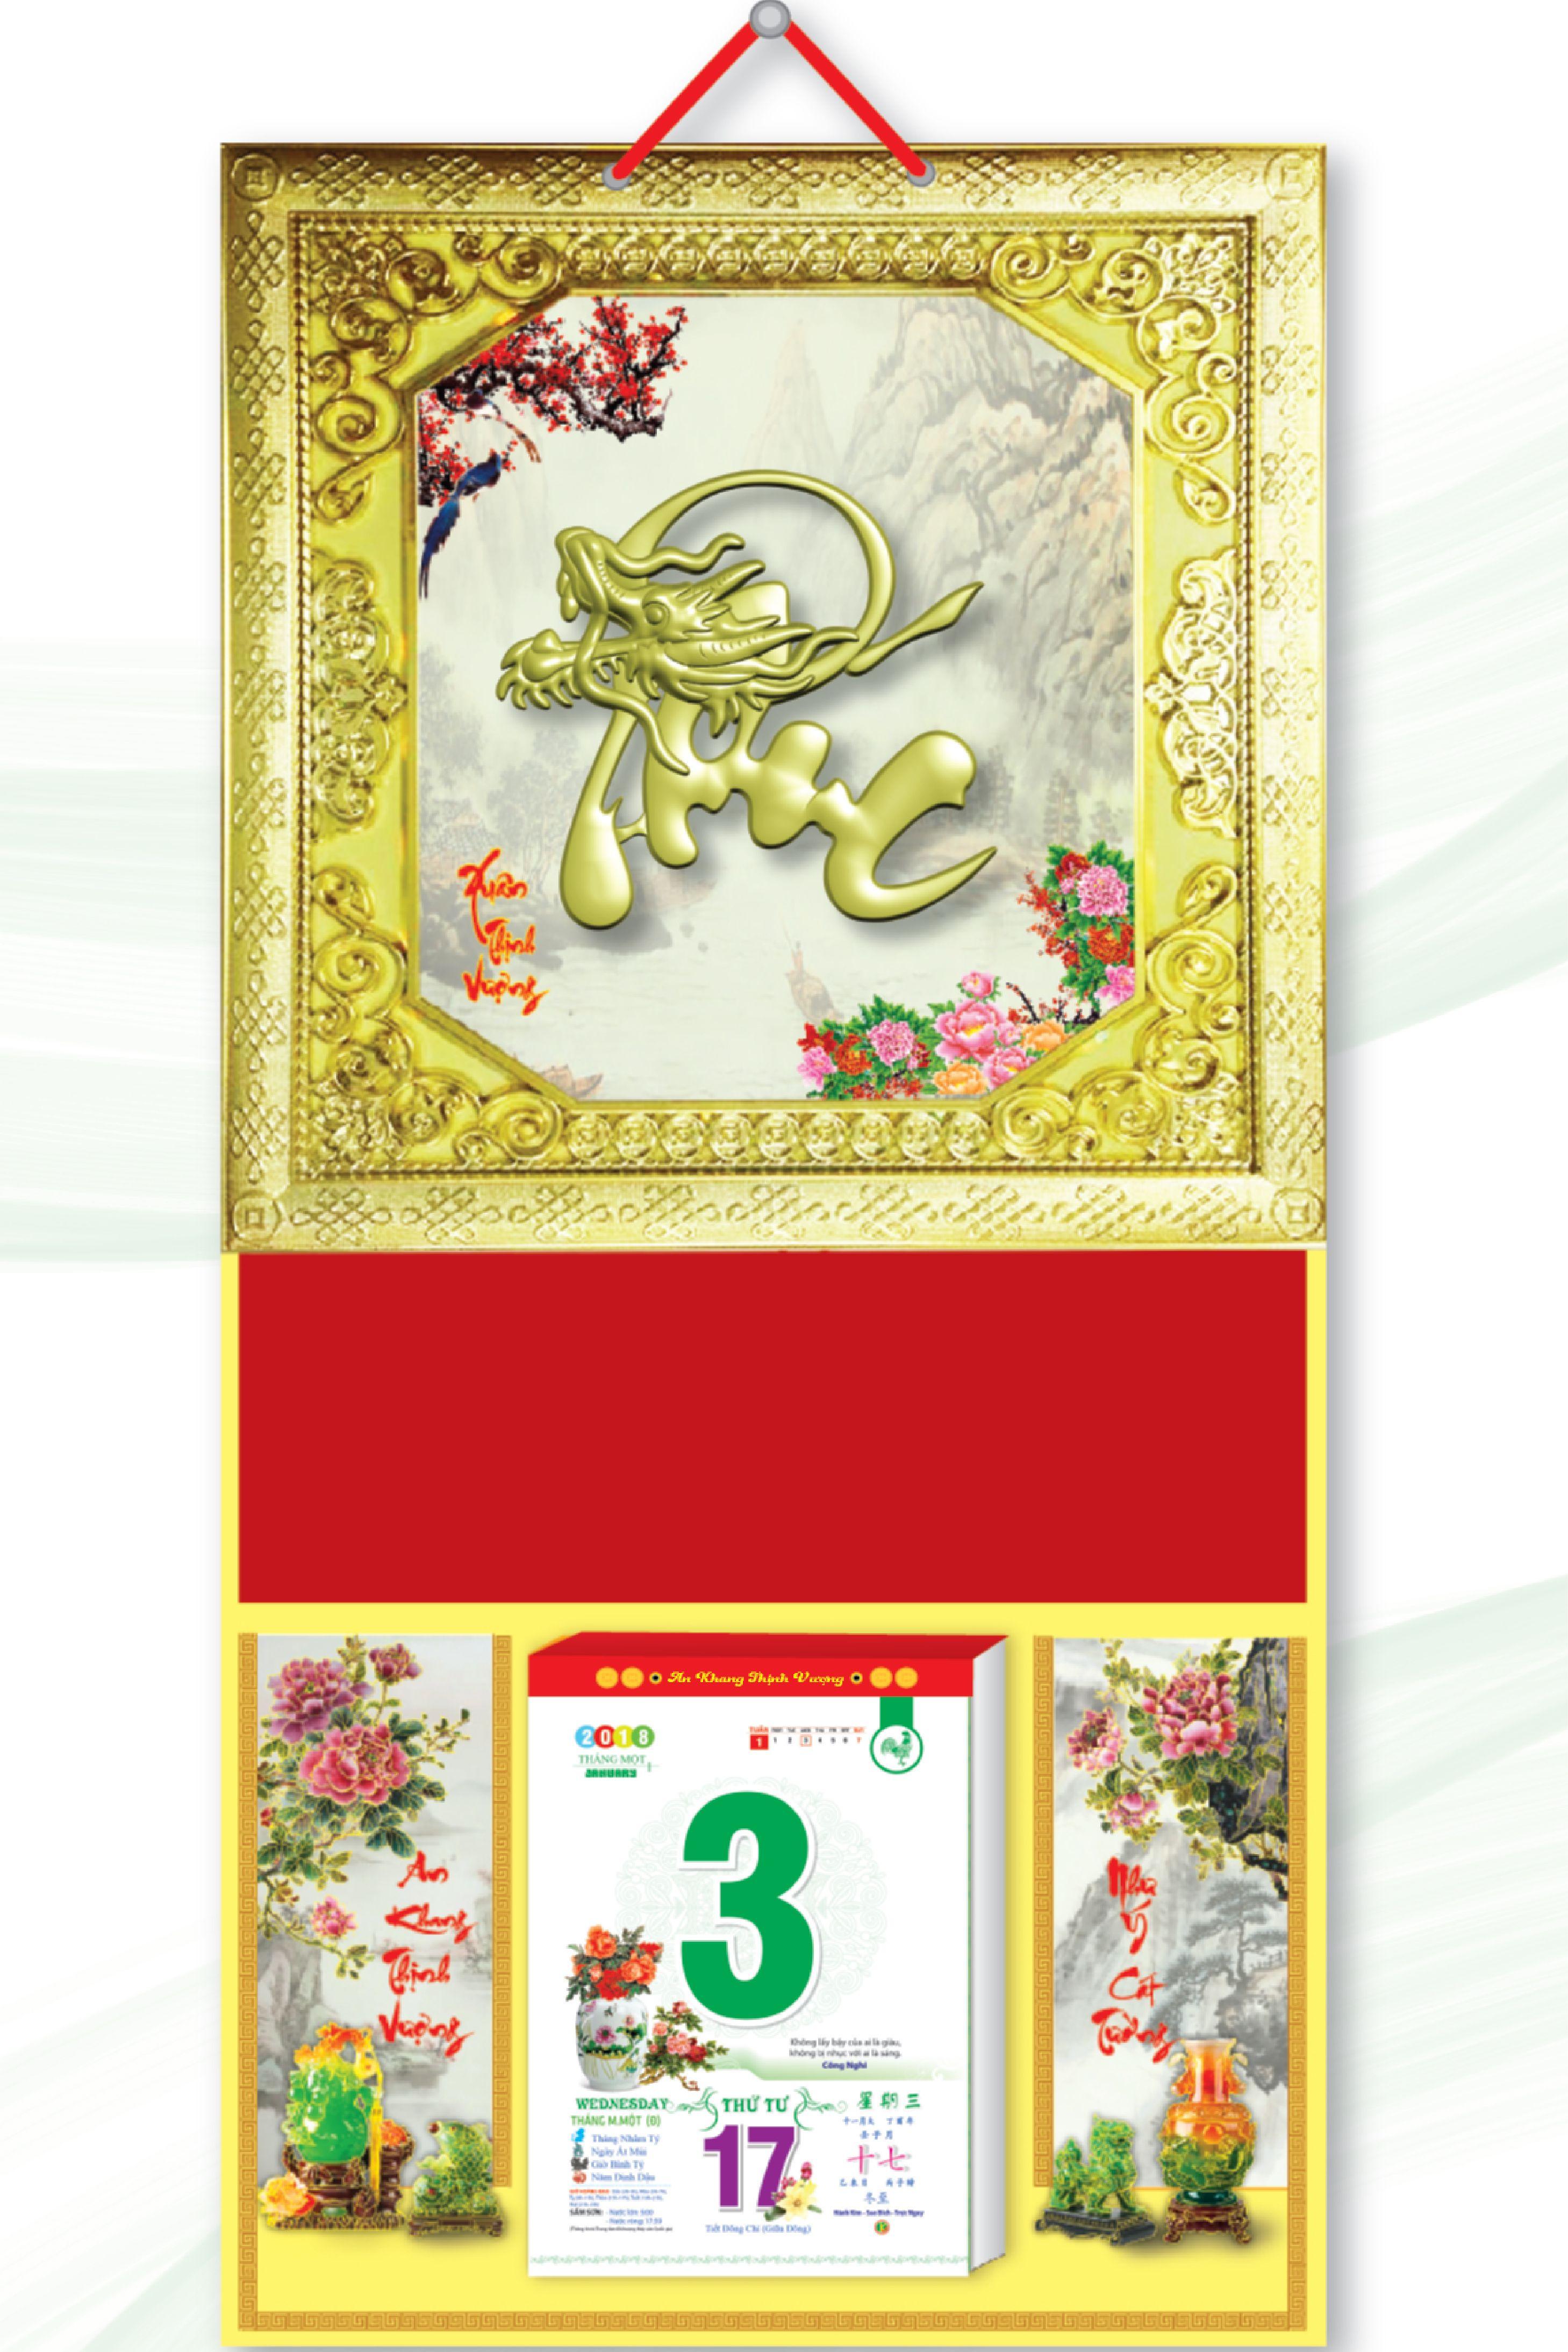 KV72 - Bìa Treo Lịch 2018 Metalize Ép Kim Cao Cấp 7 Màu (35 x 70cm) - Khung Vàng, Dán nổi chữ Phúc Đầu Rồng - EBOOK/PDF/PRC/EPUB